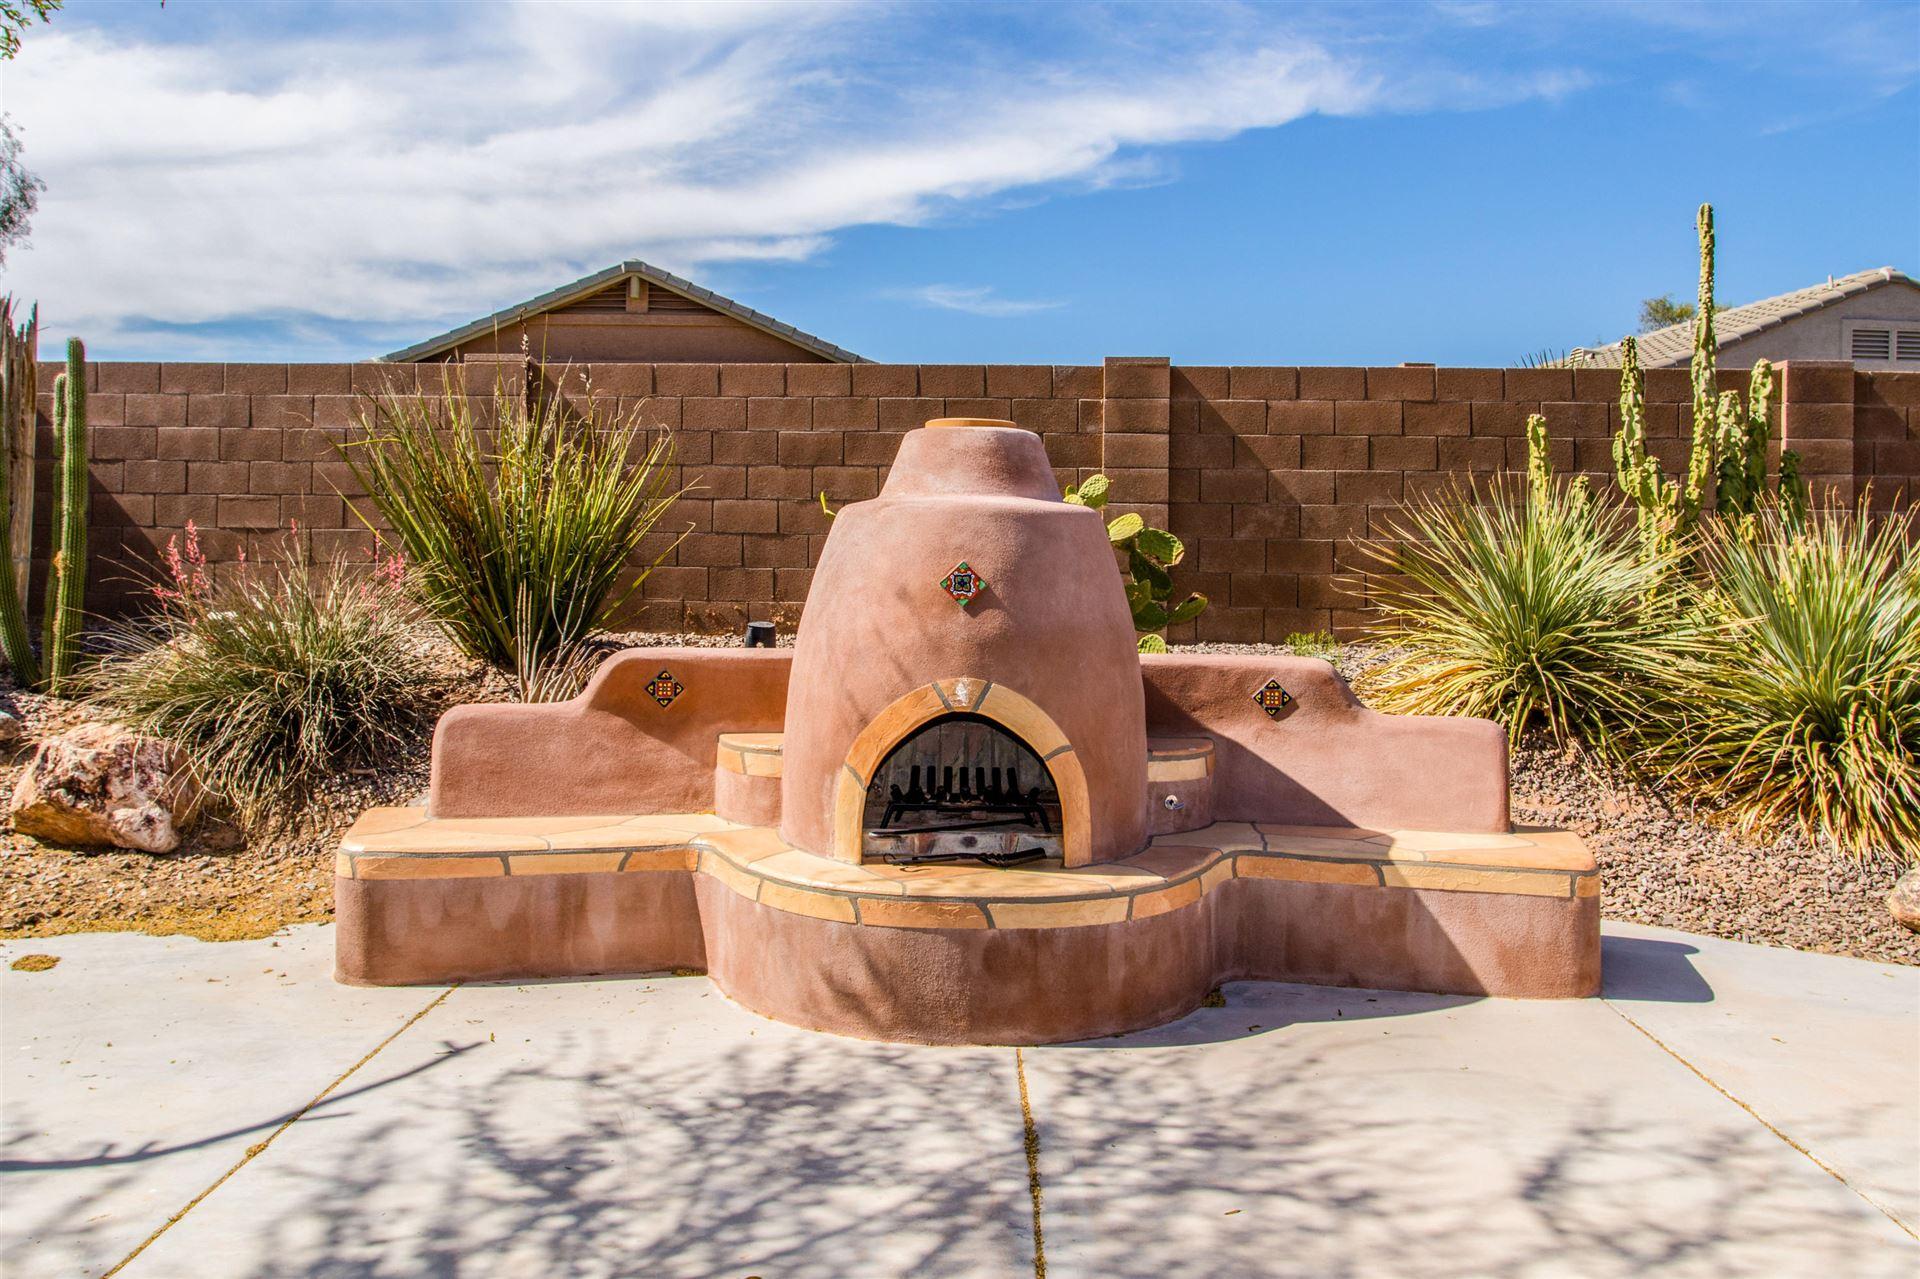 34 W PASTURE CANYON Drive, San Tan Valley, AZ 85143 - MLS#: 6232772